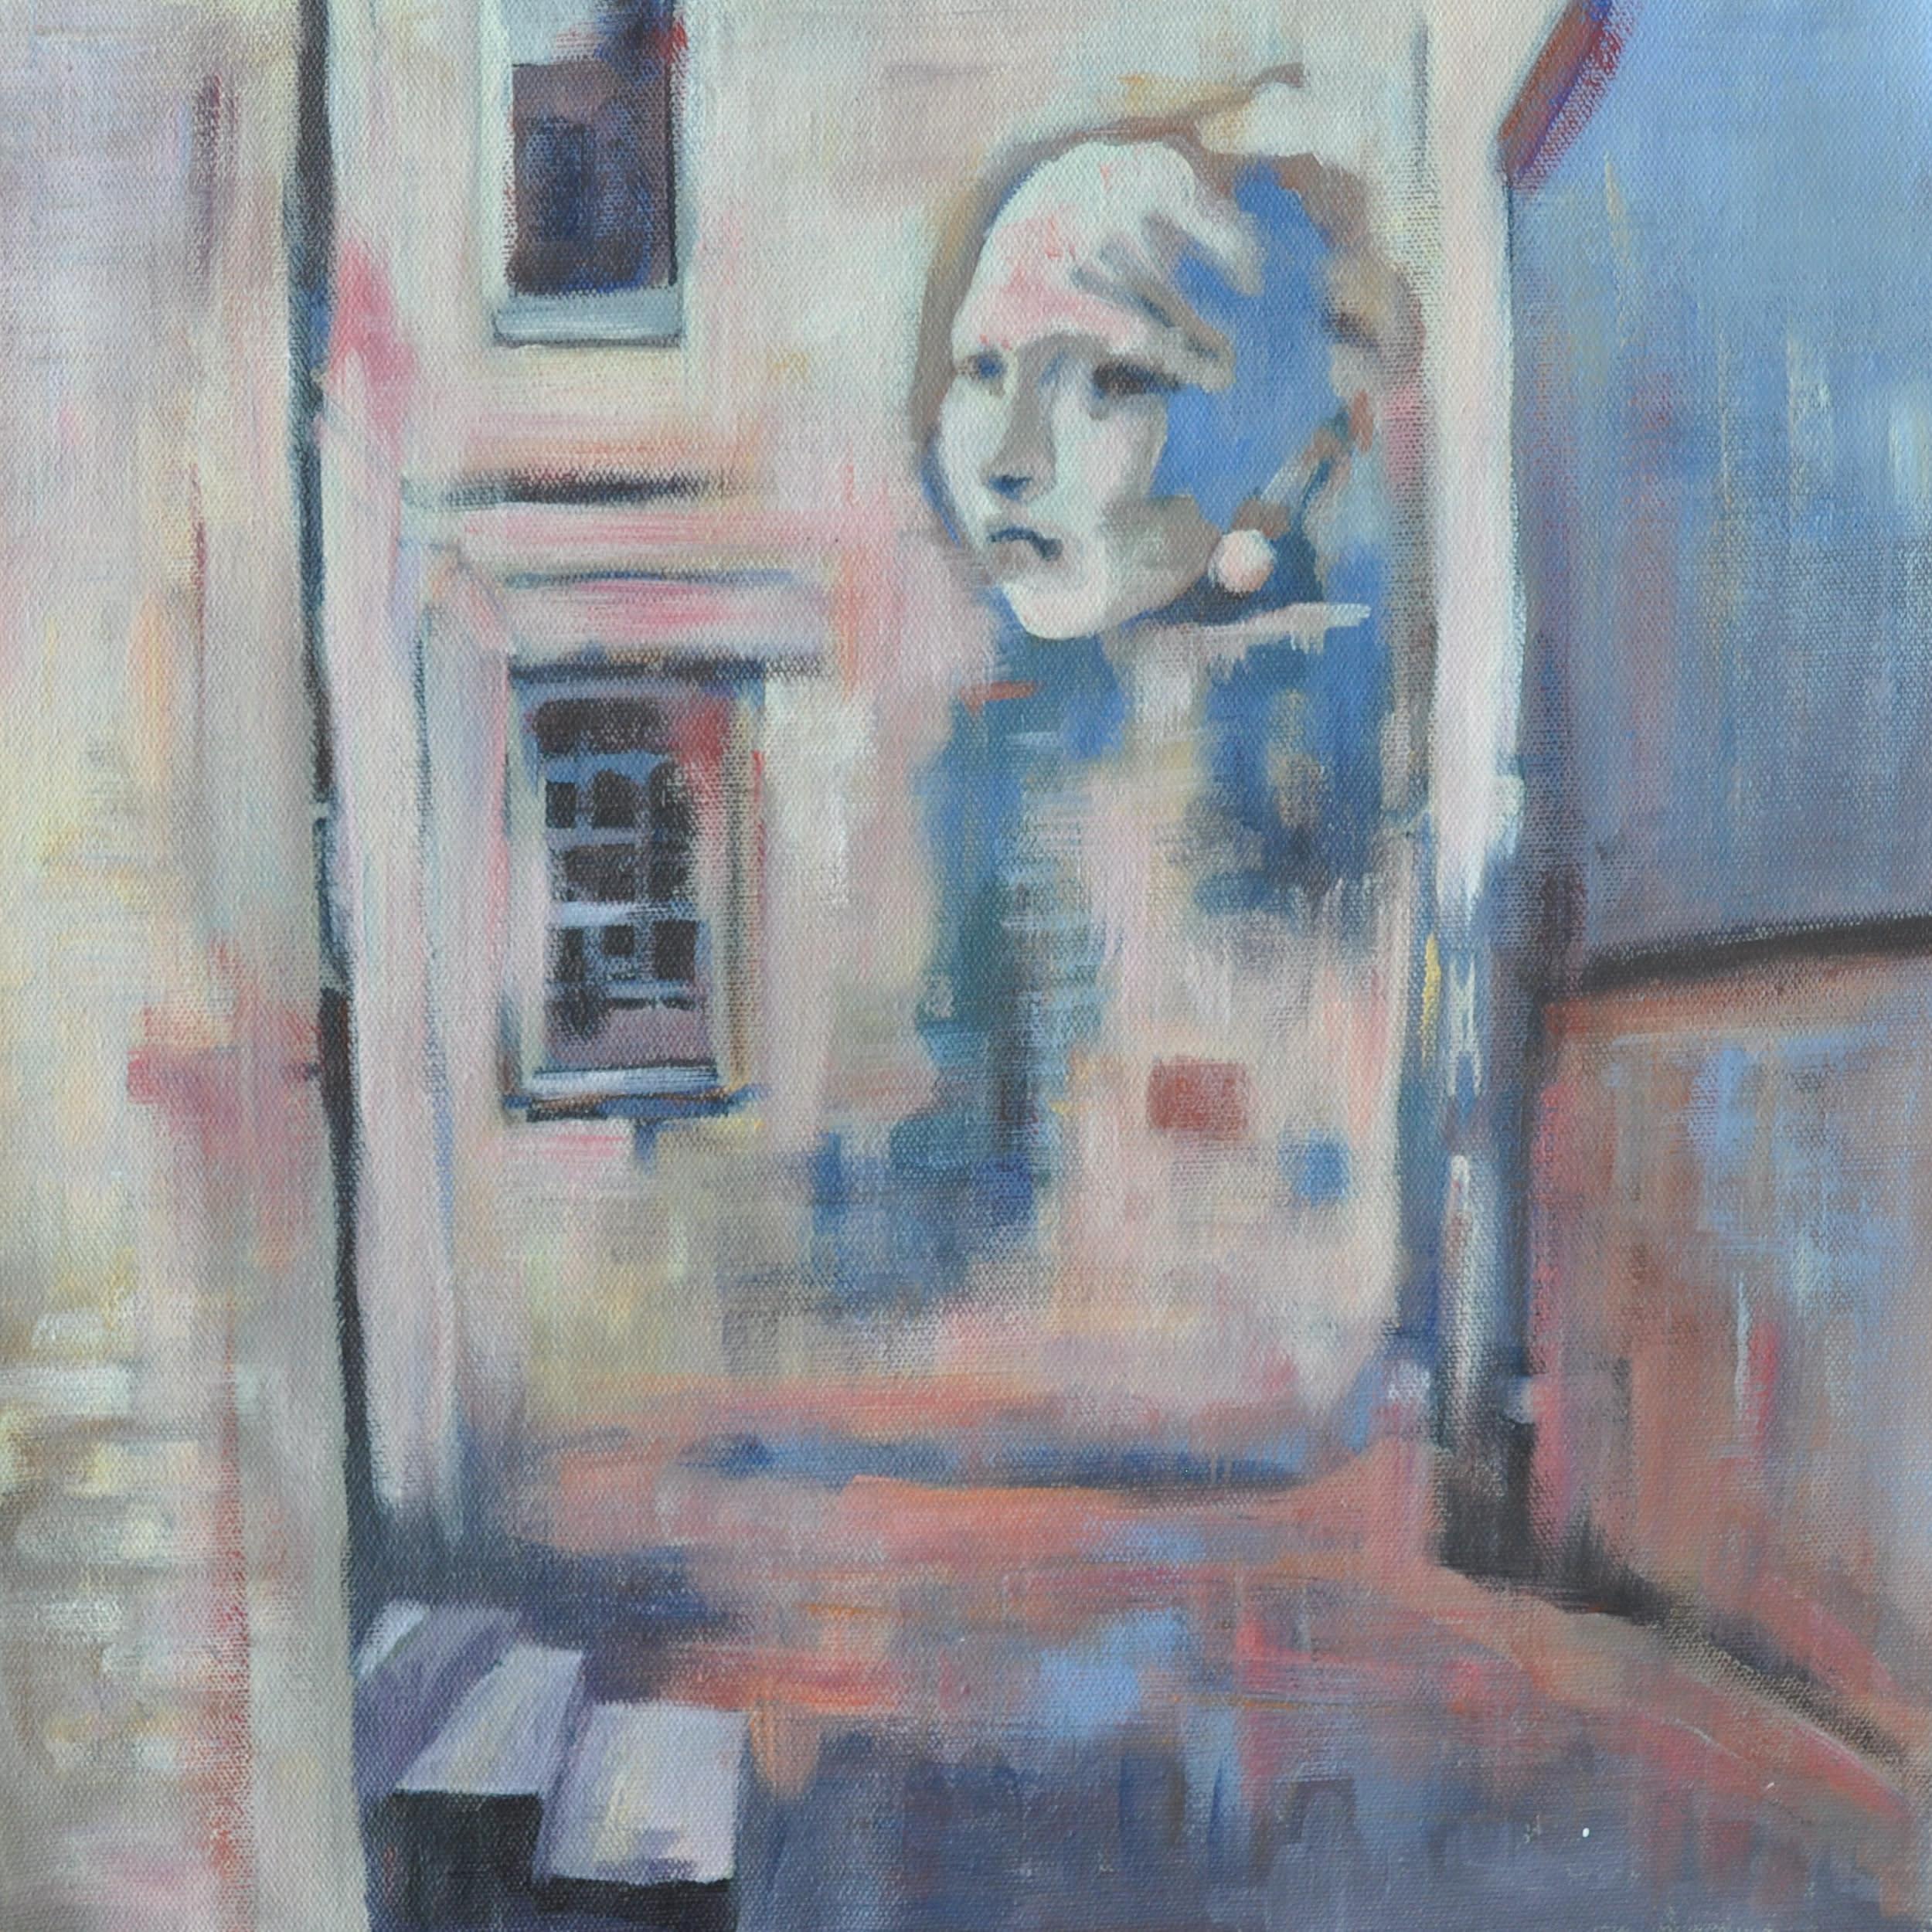 36x36 chasing banksy chasing vermeer by steph fonteyn tm7w0s